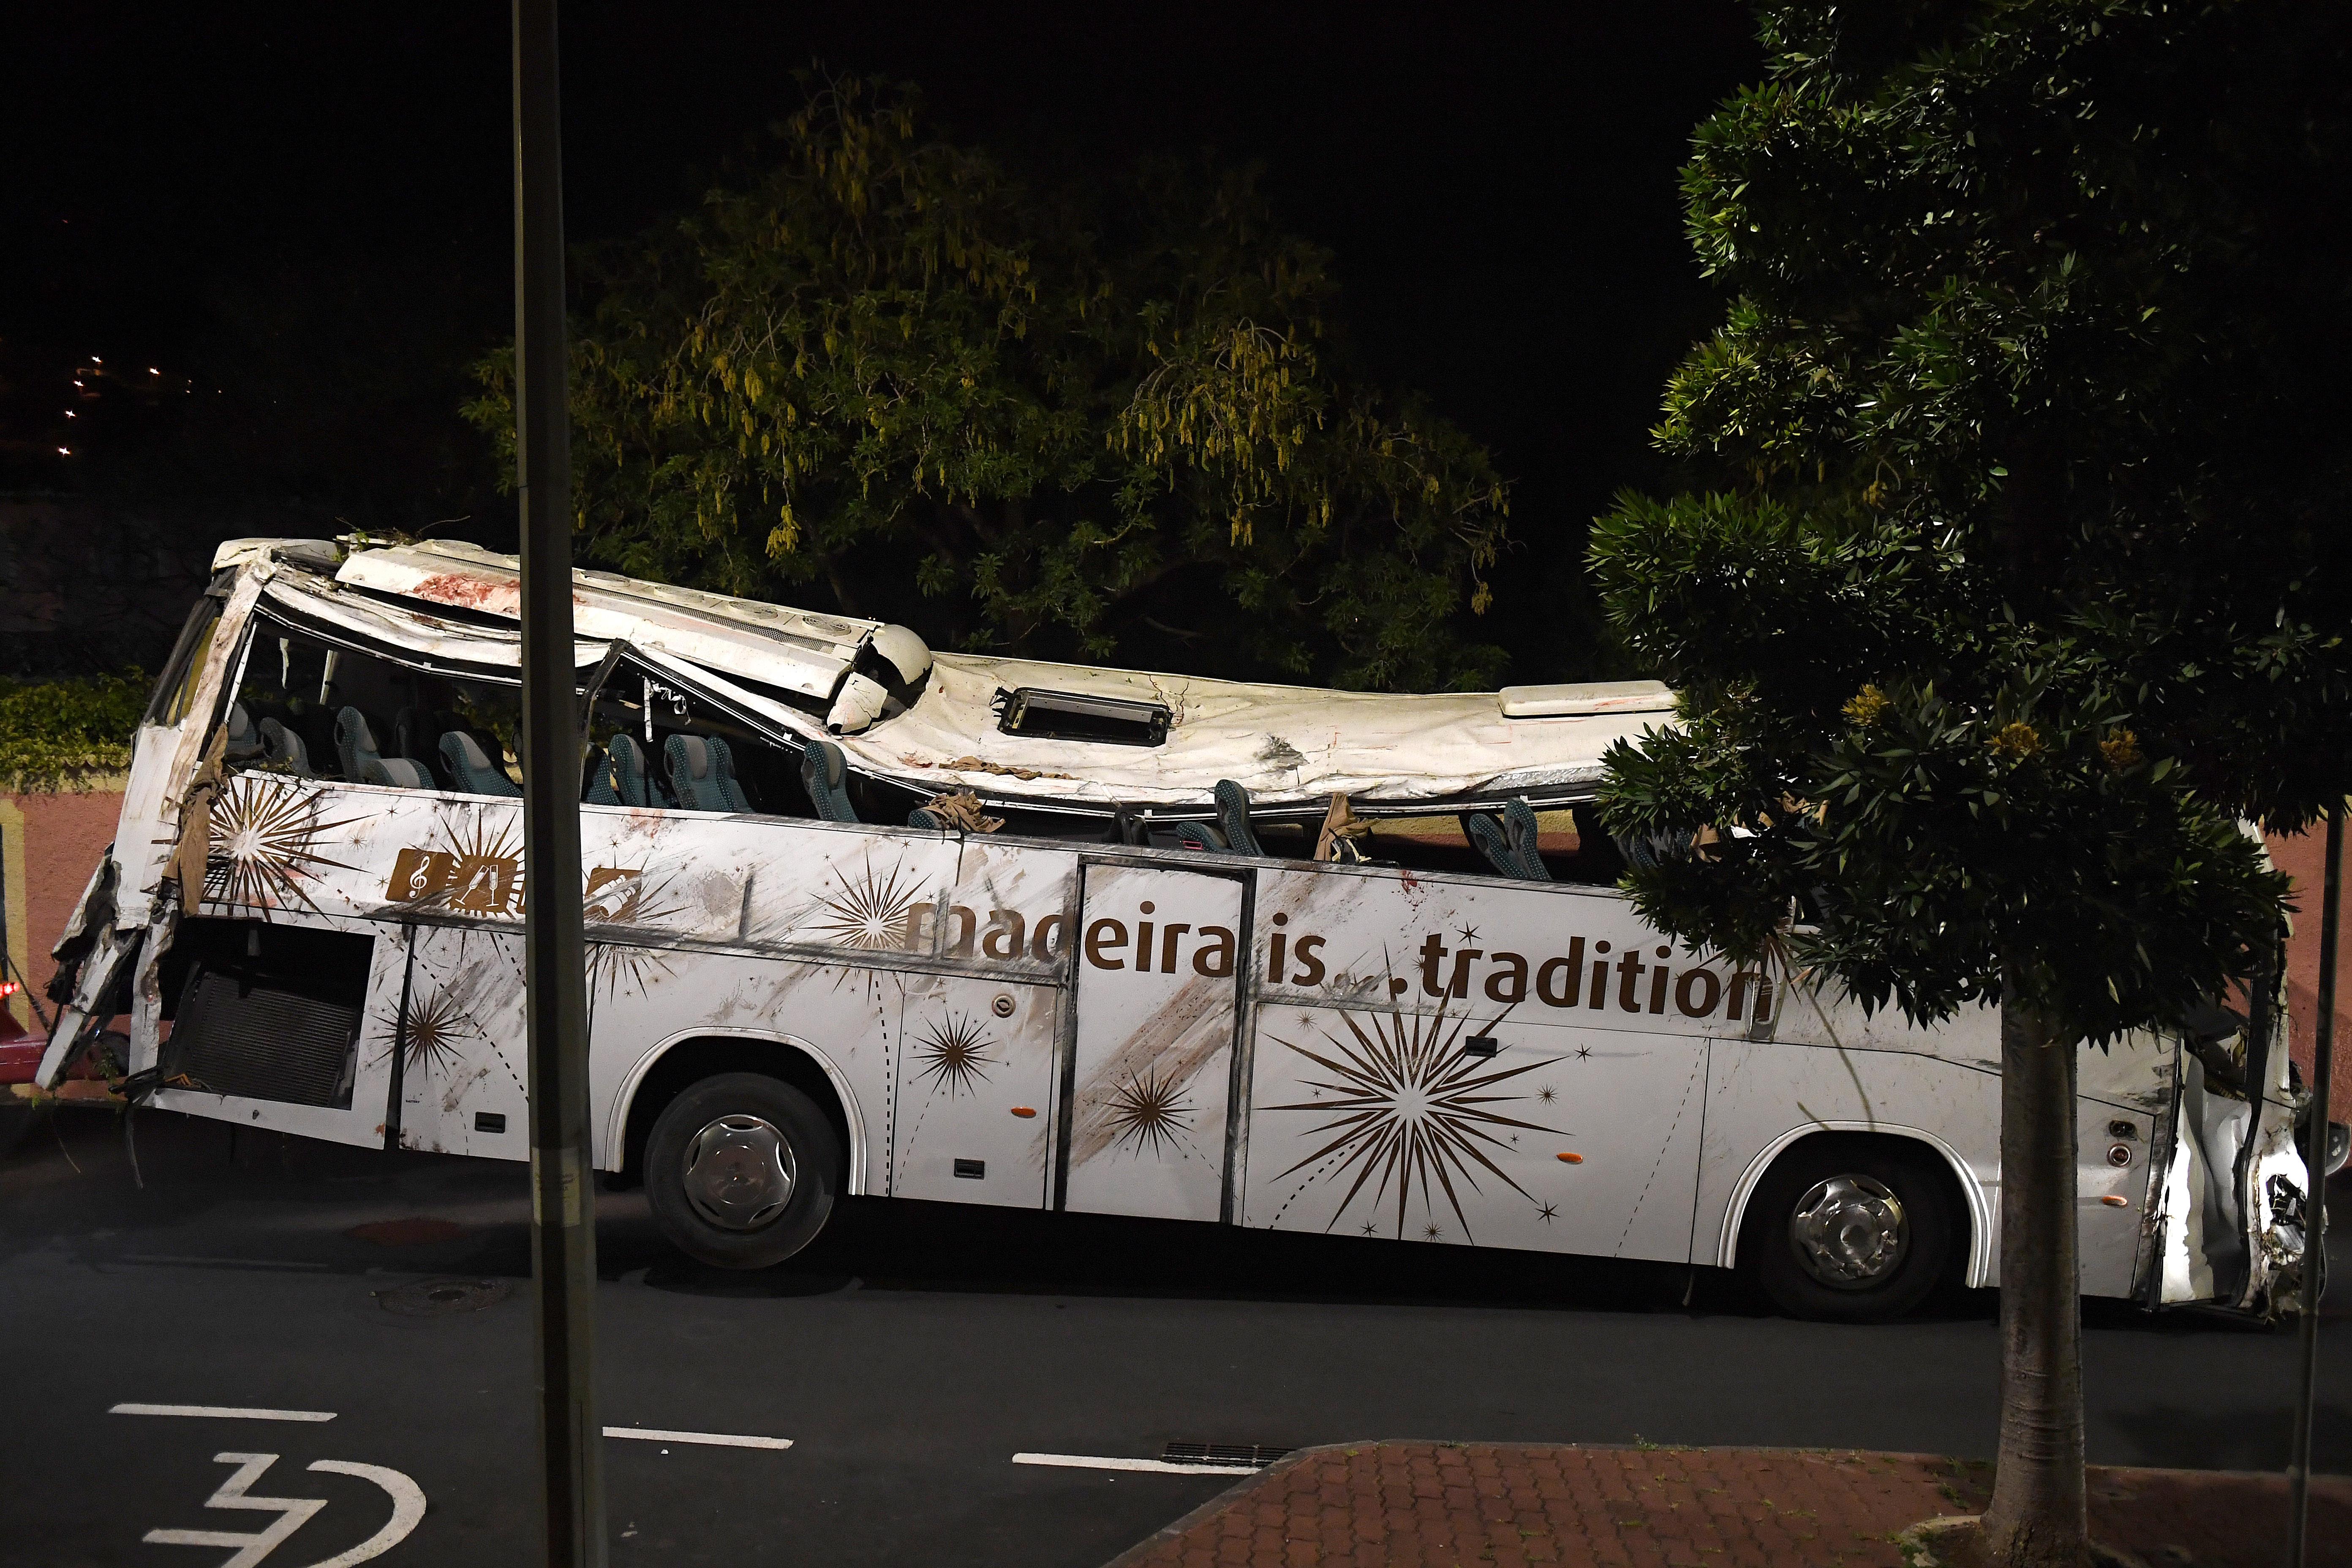 Madeira. Guia turística publicou mensagem através das redes sociais